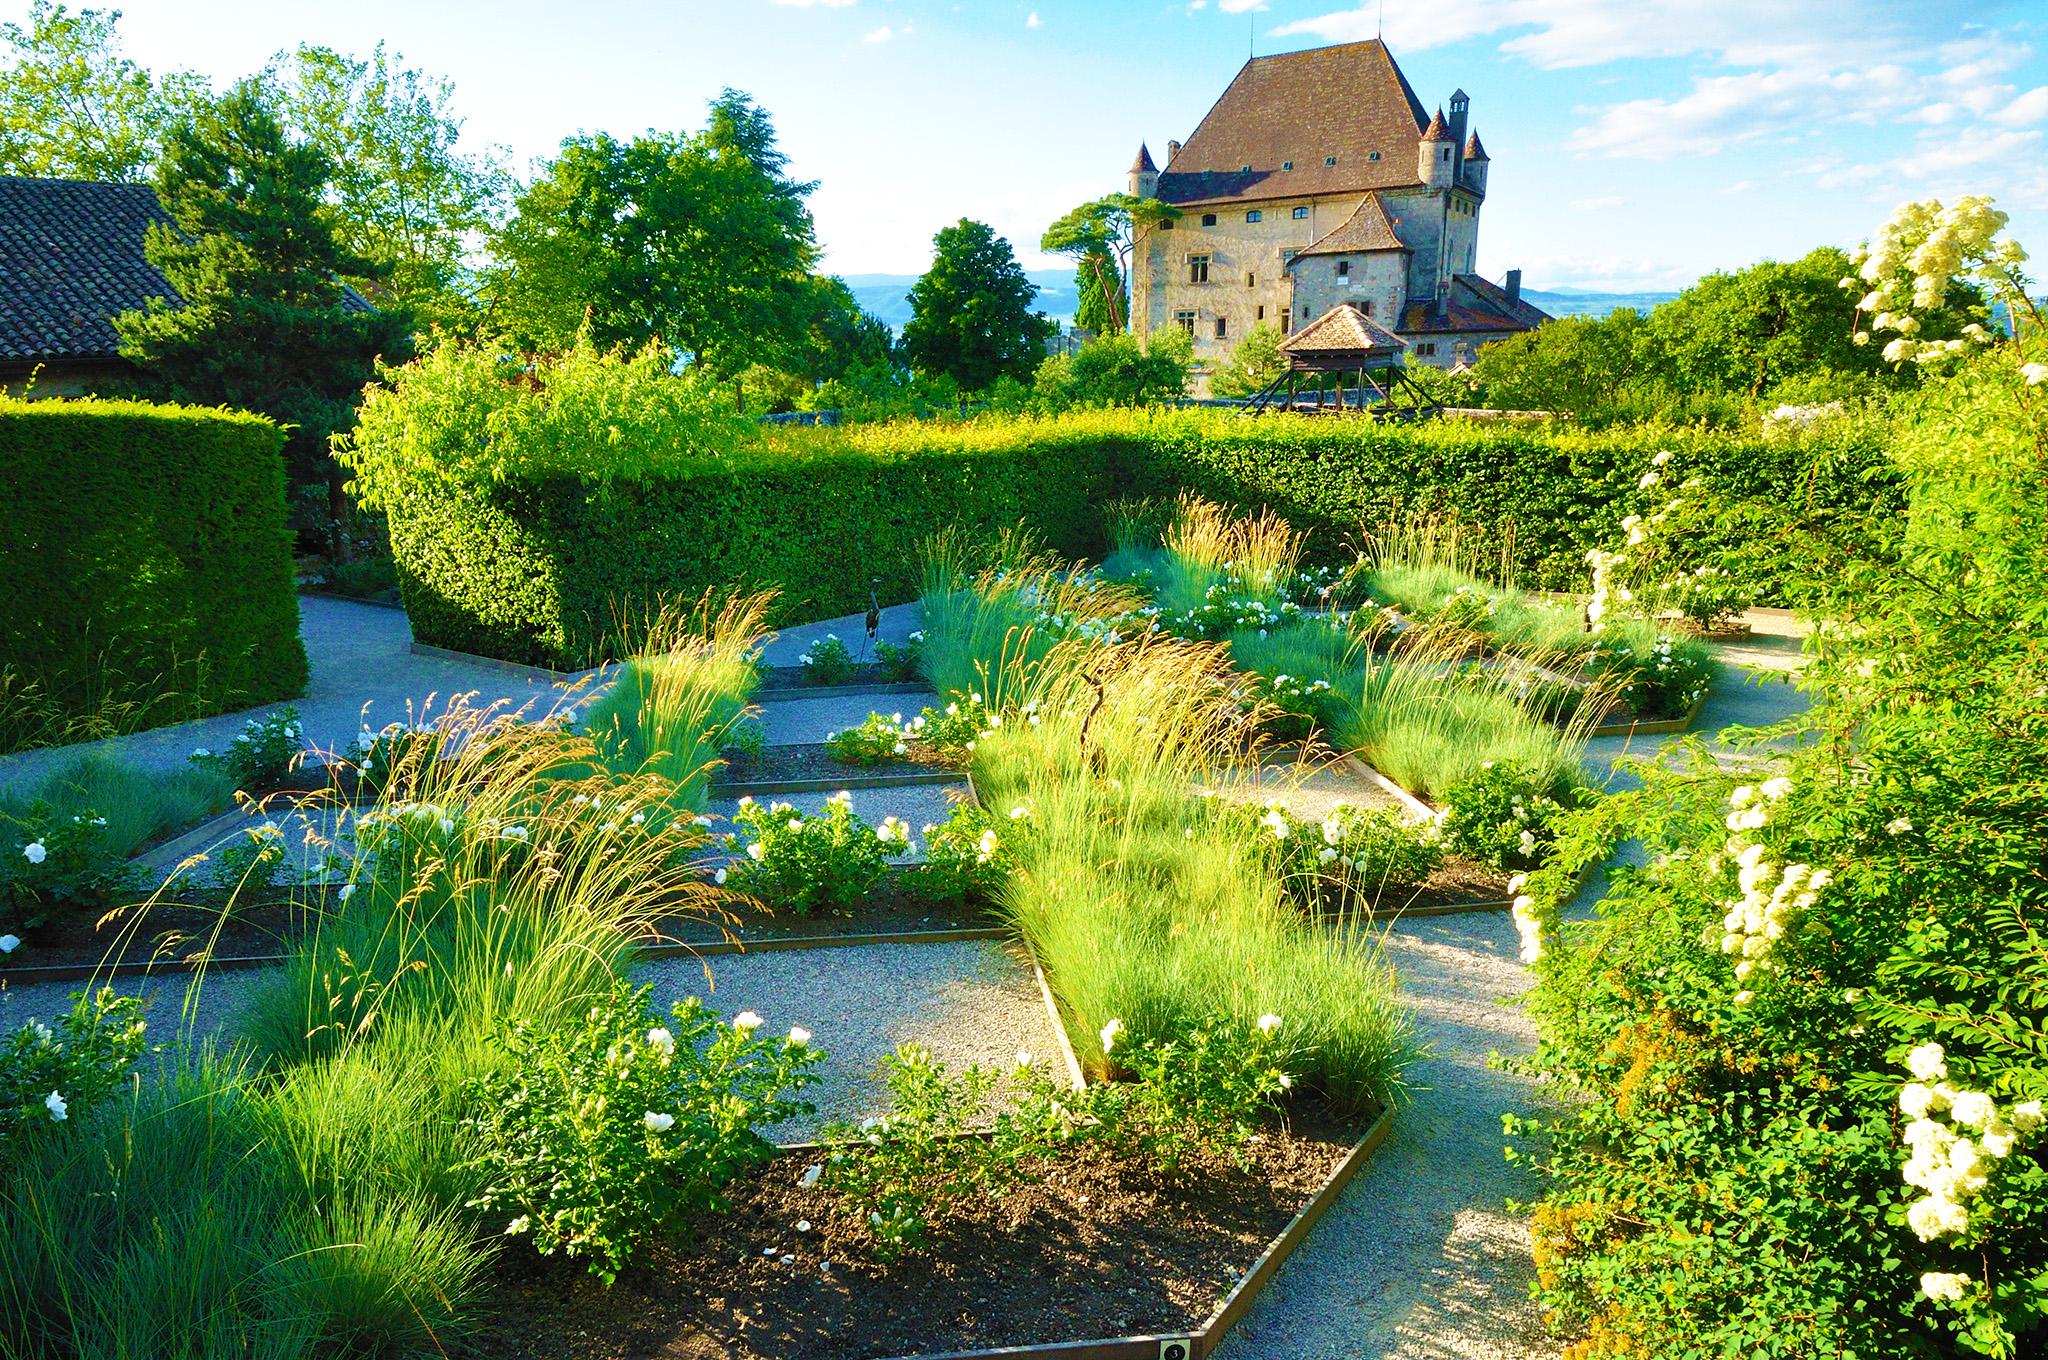 kt_2020_380_Keytours_excursions_Swisstours_yvoire_jardin_des_cinq_sens1_2048_10